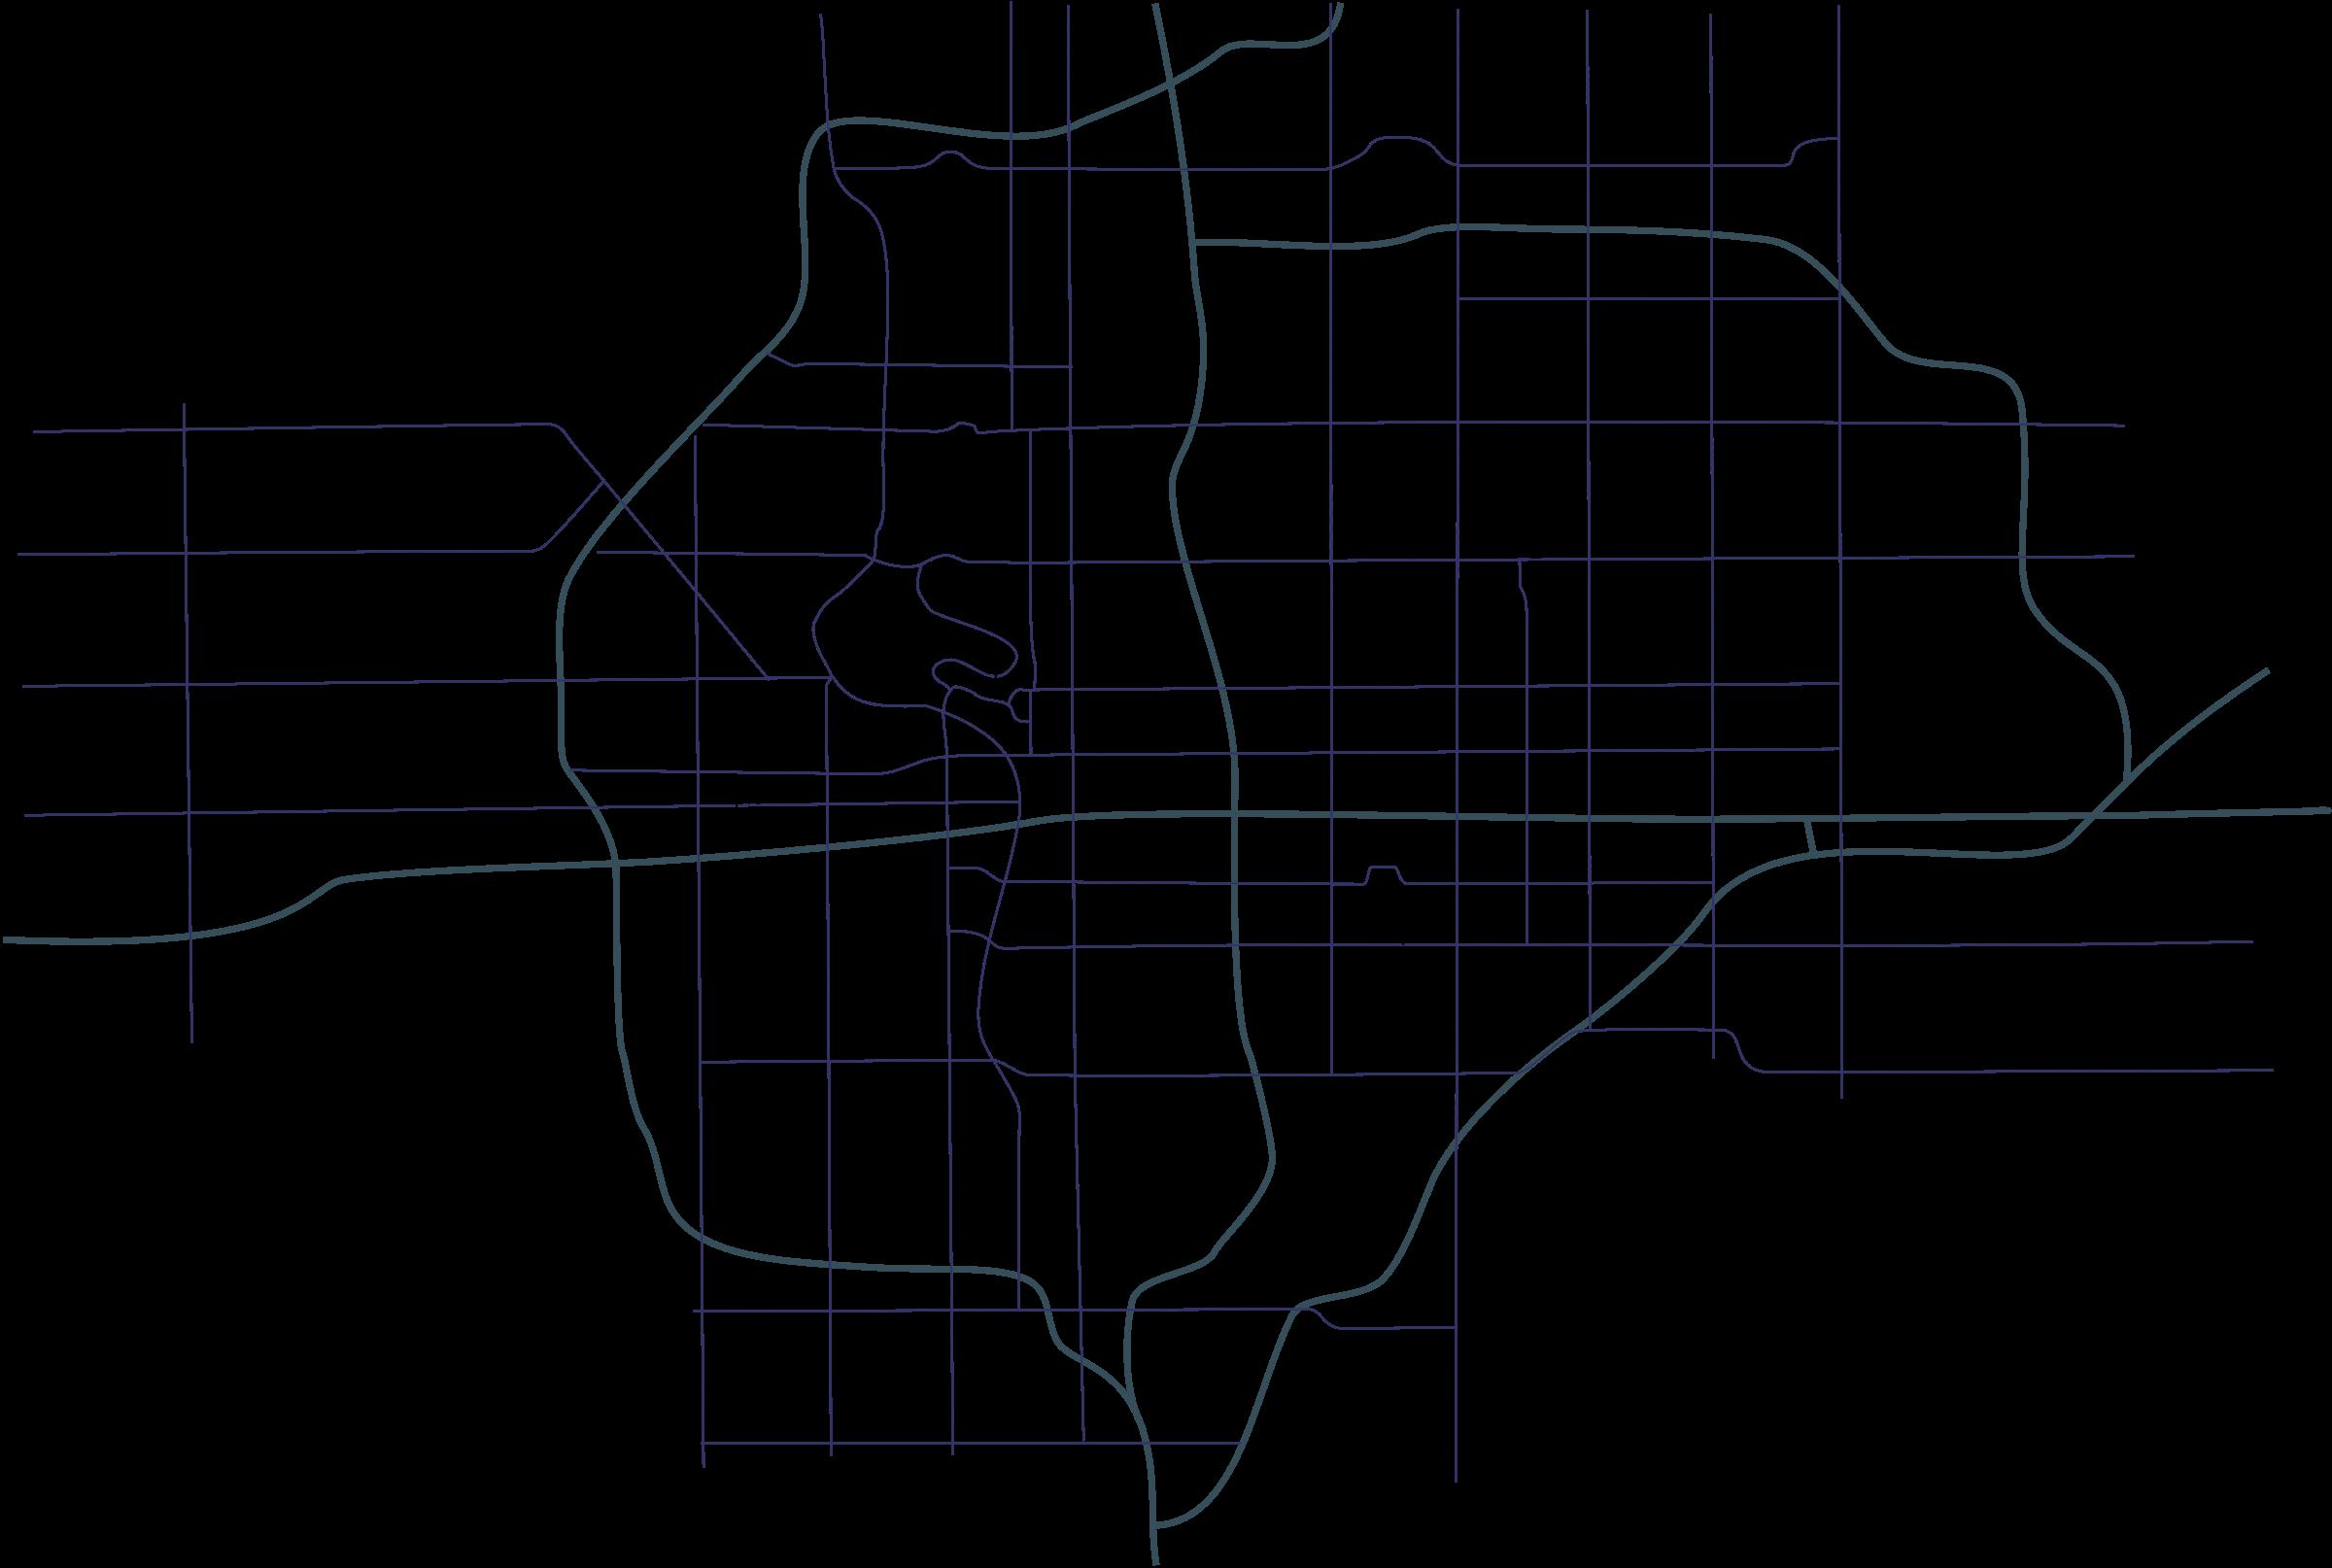 Street Map Of Wichita Kansas